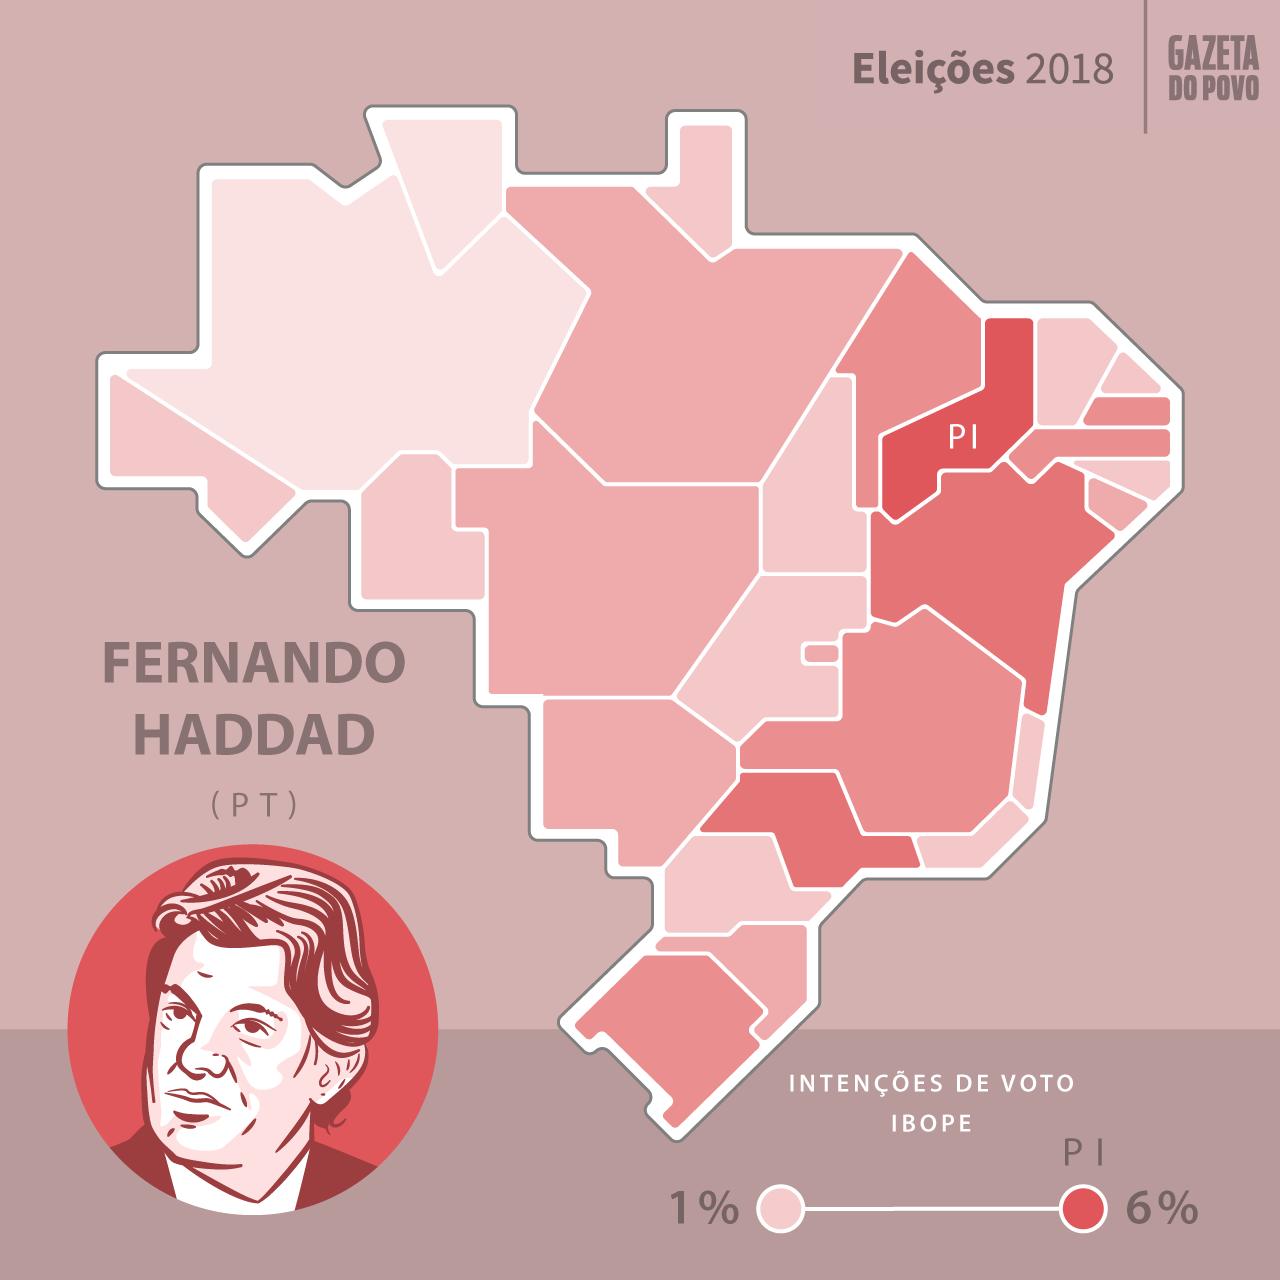 d0087ffa9b09a Mapa de intenção de votos do candidato Fernando Haddad por estado